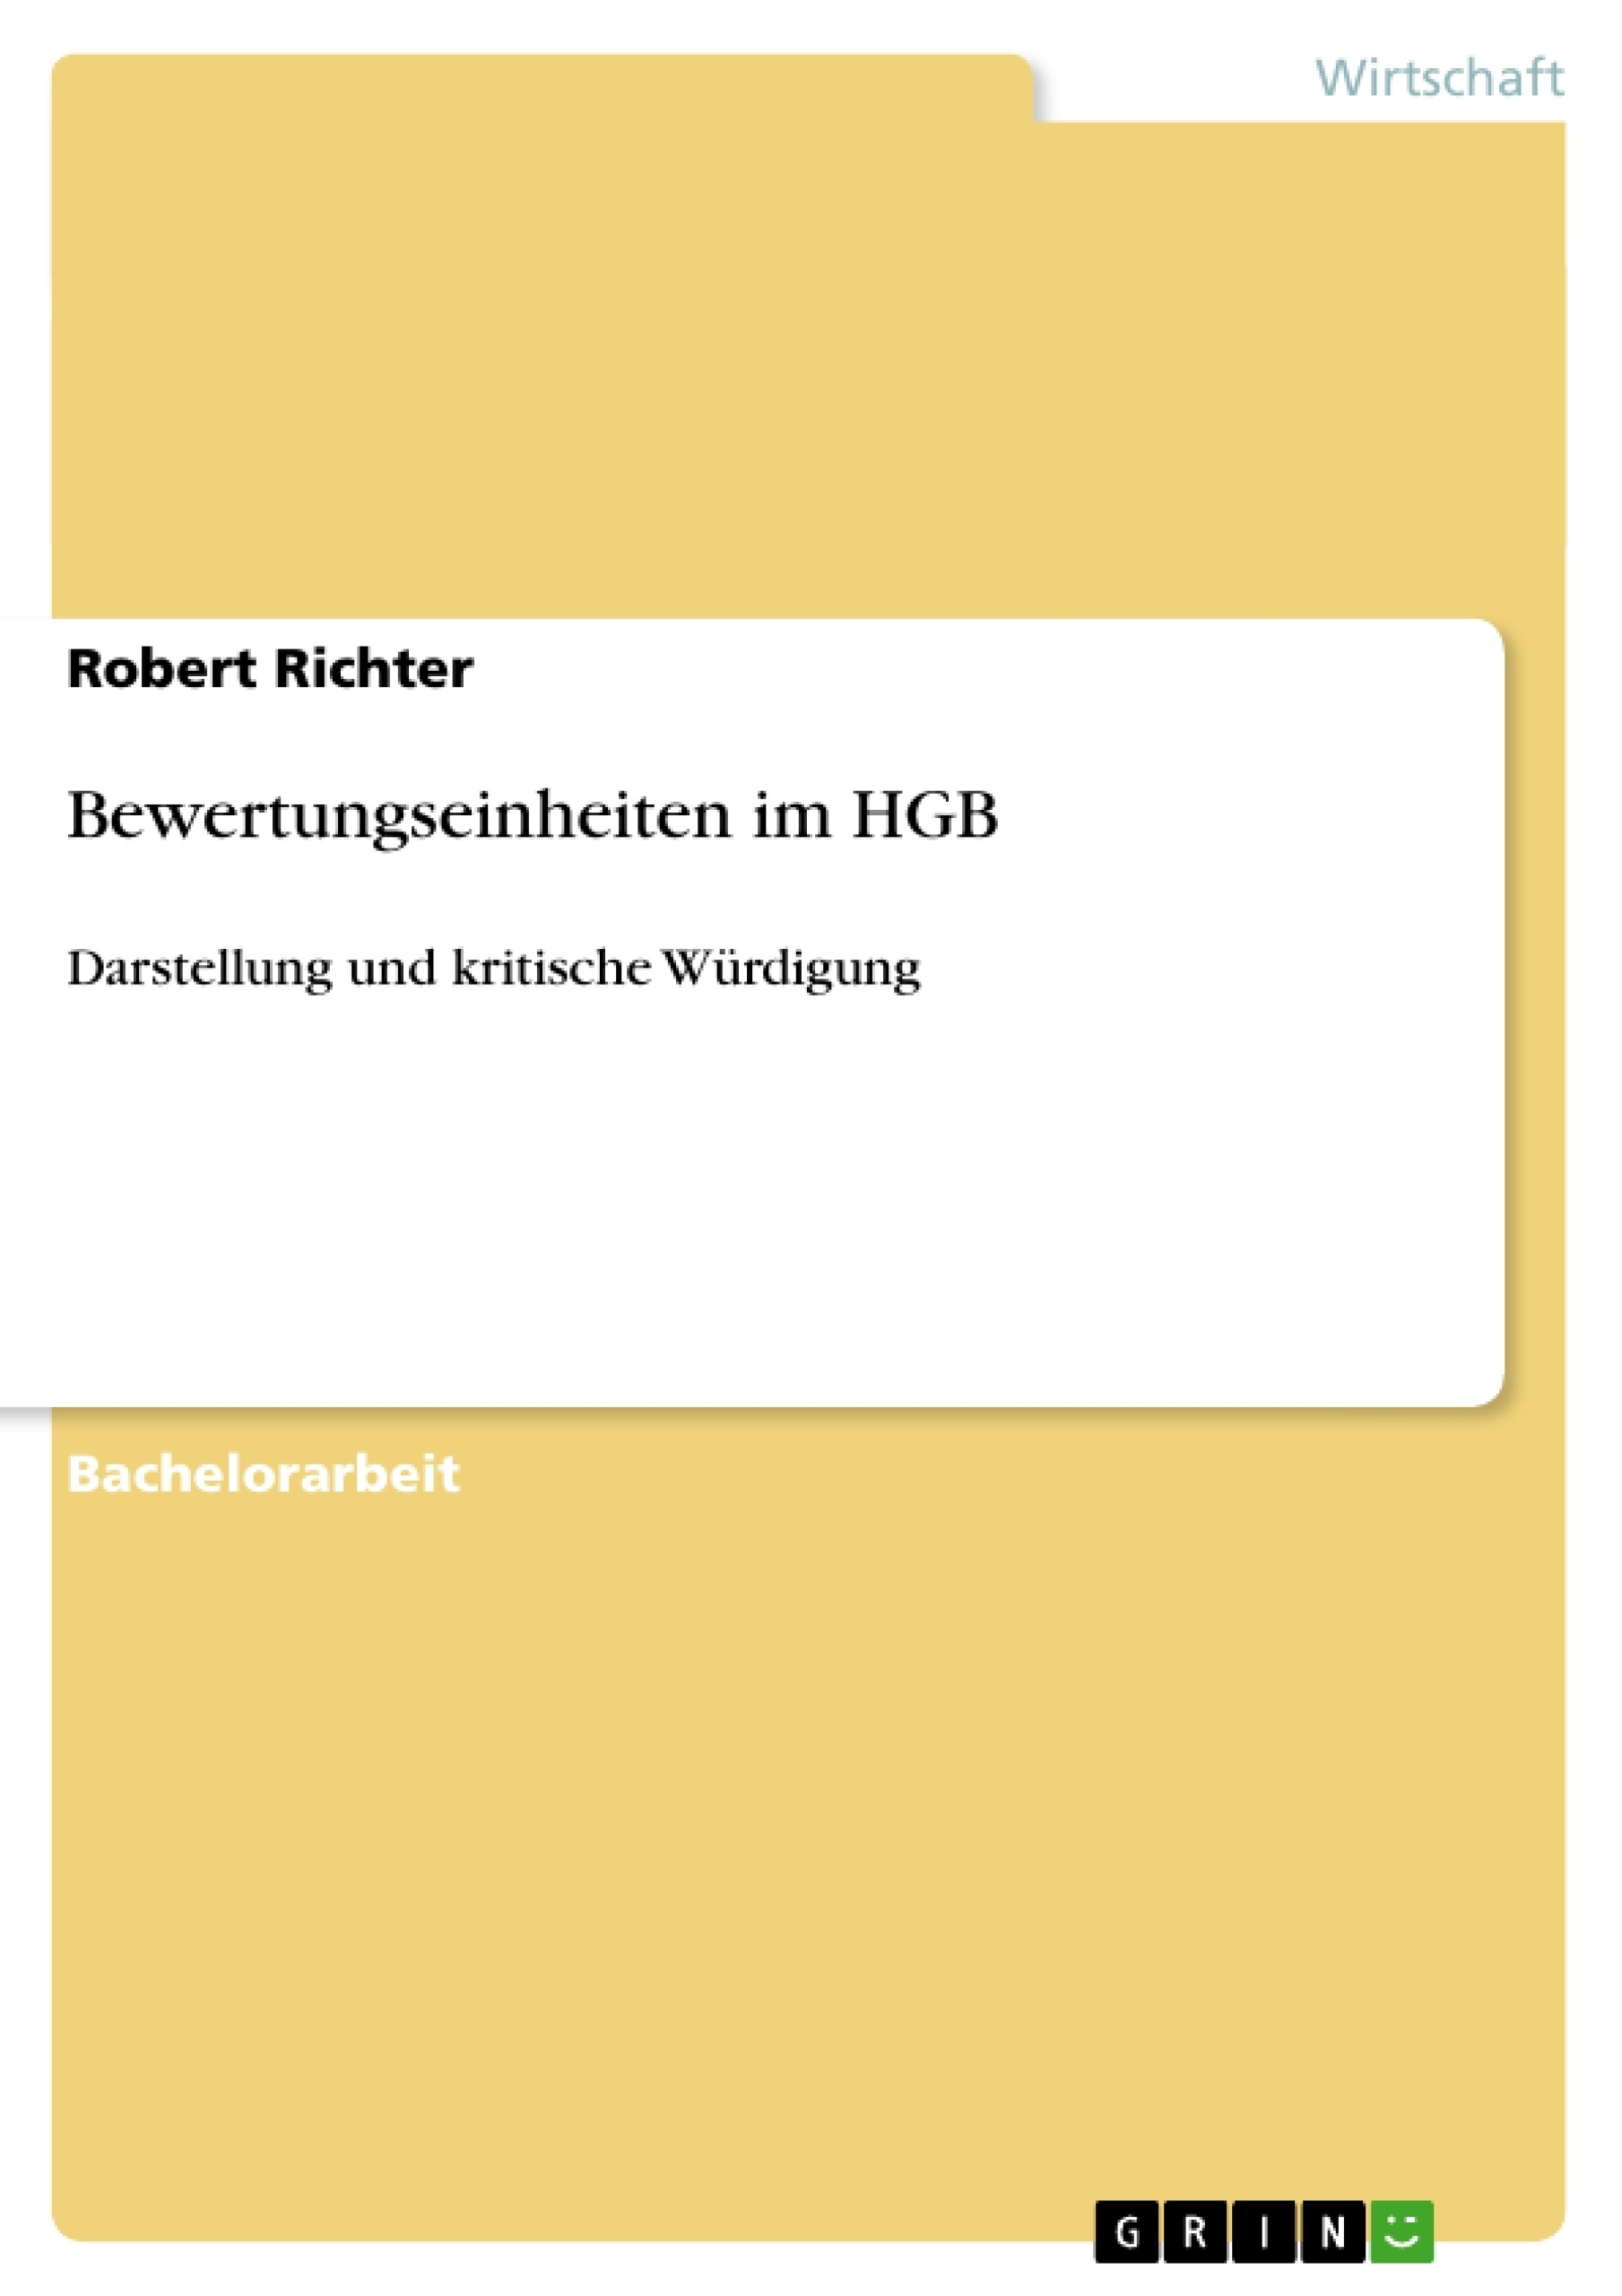 Titel: Bewertungseinheiten im HGB